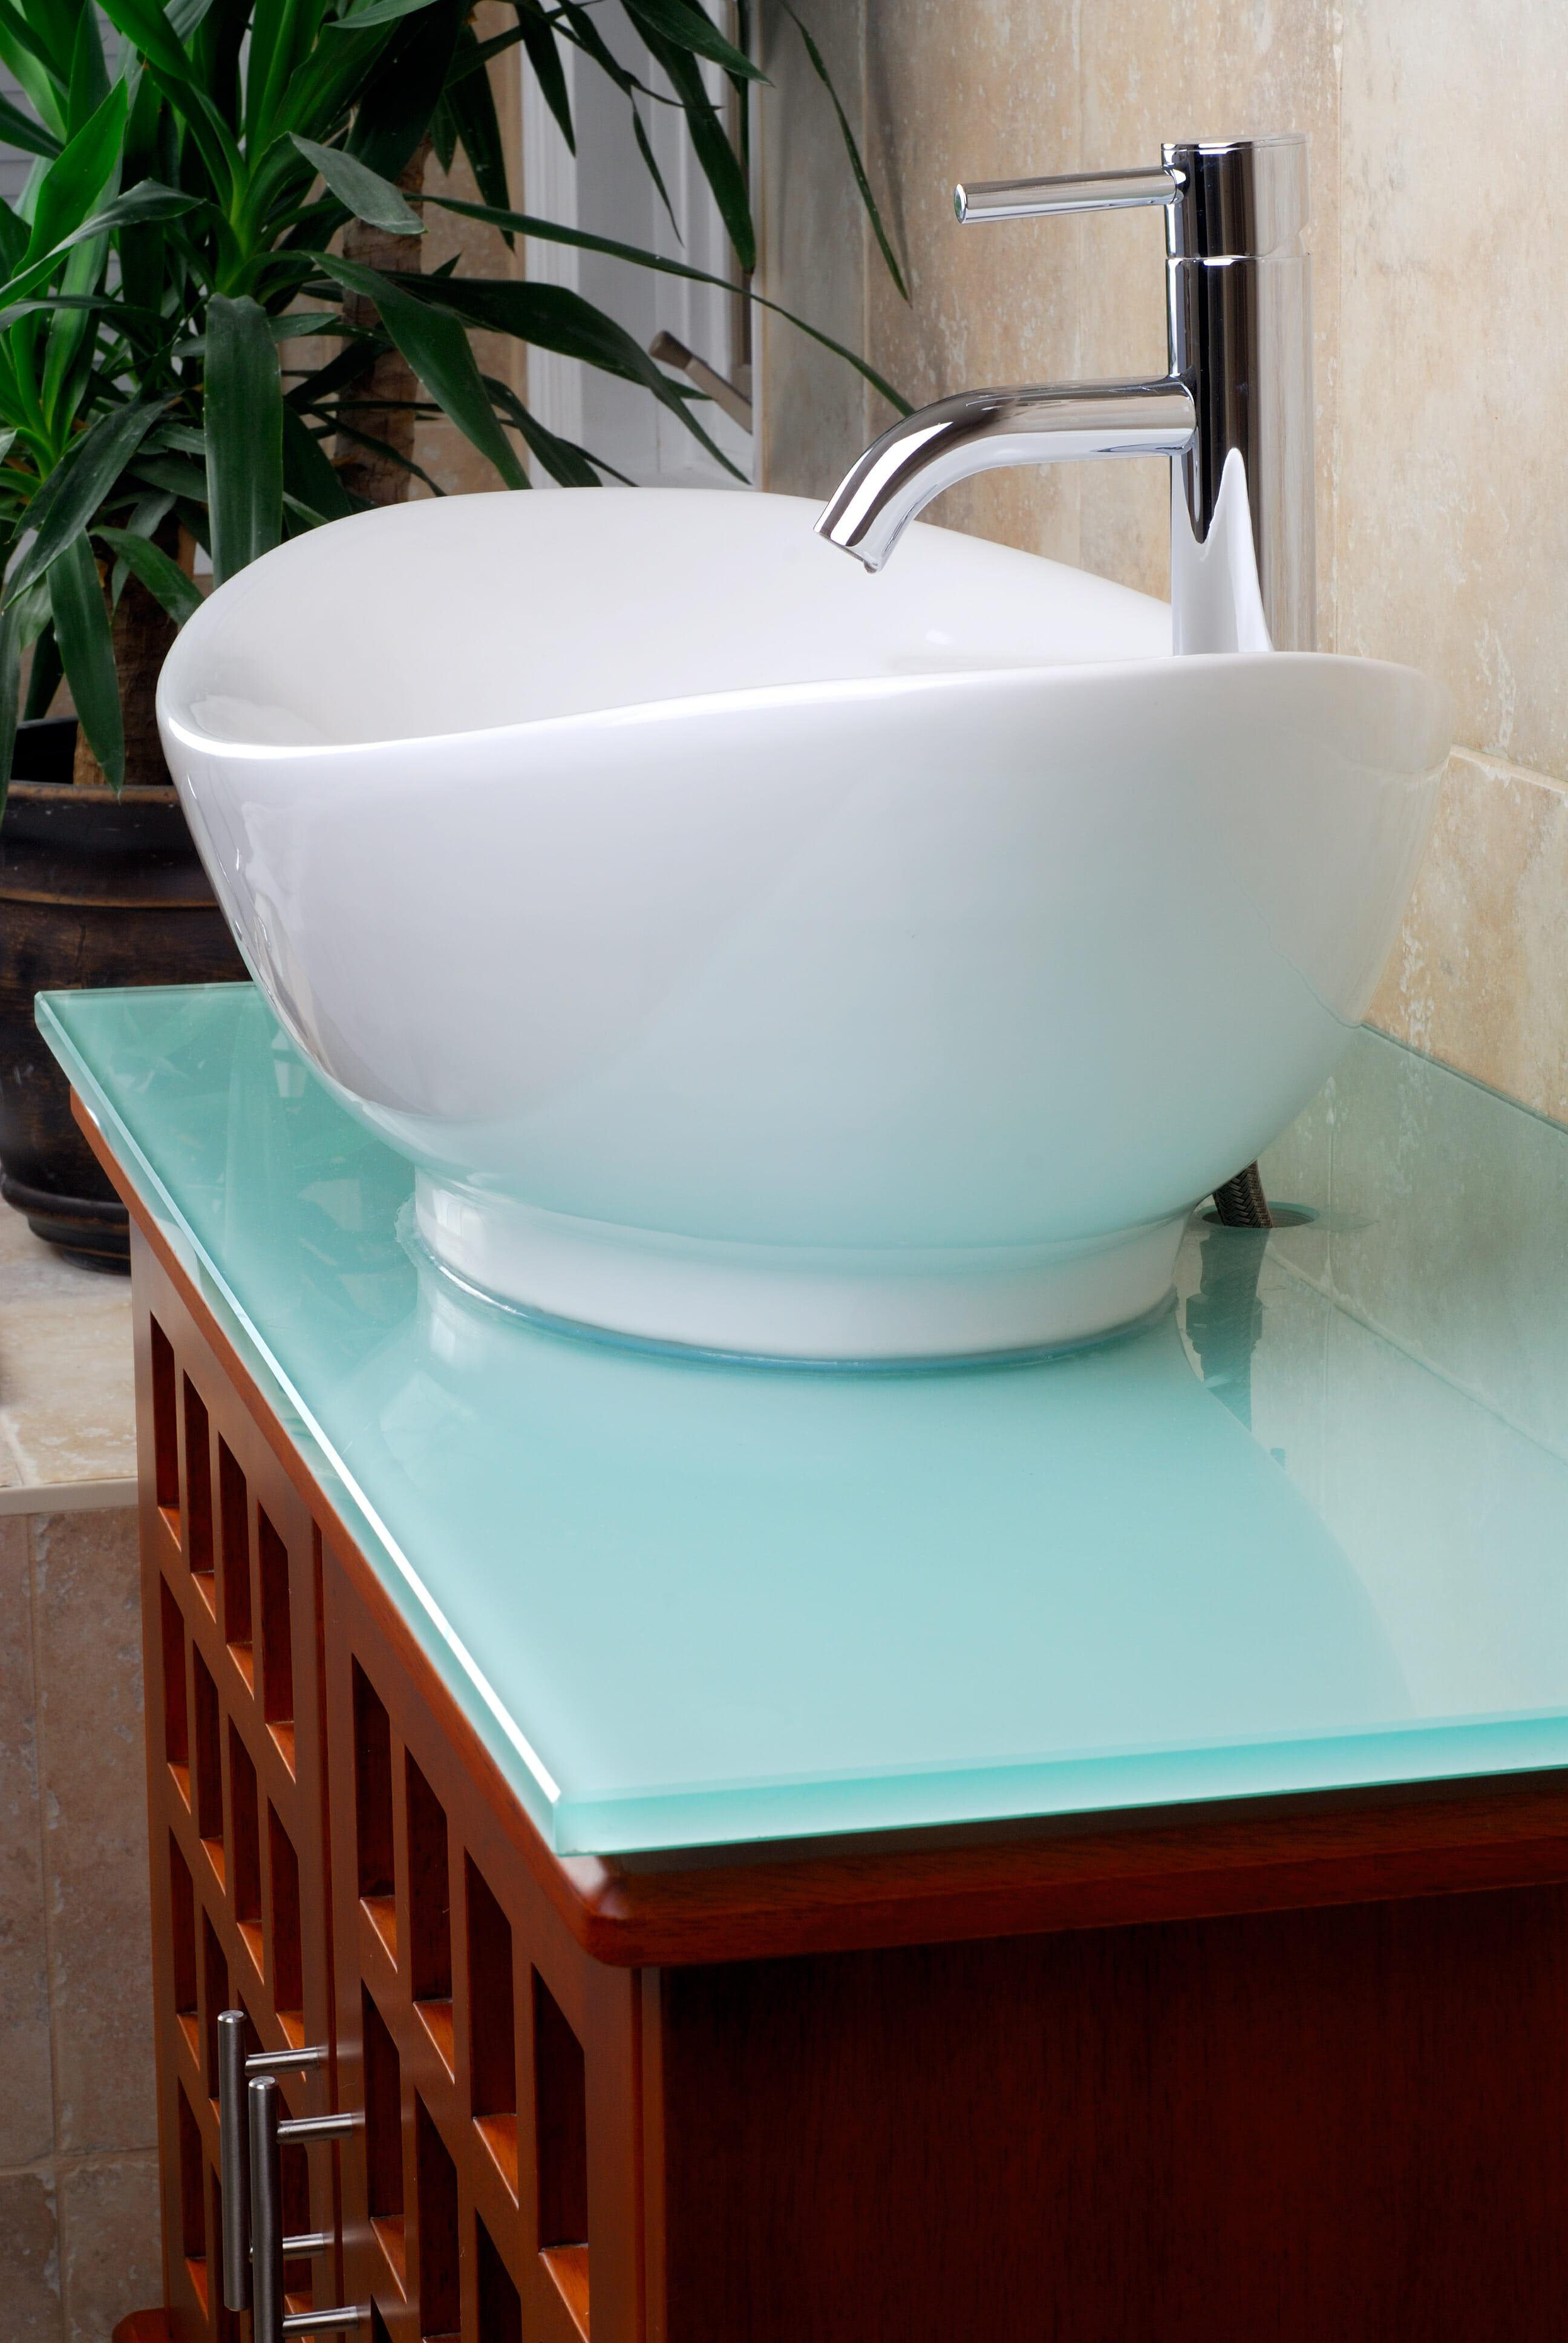 Repurposing Furniture as a Bathroom Sink Vanity  Modernize